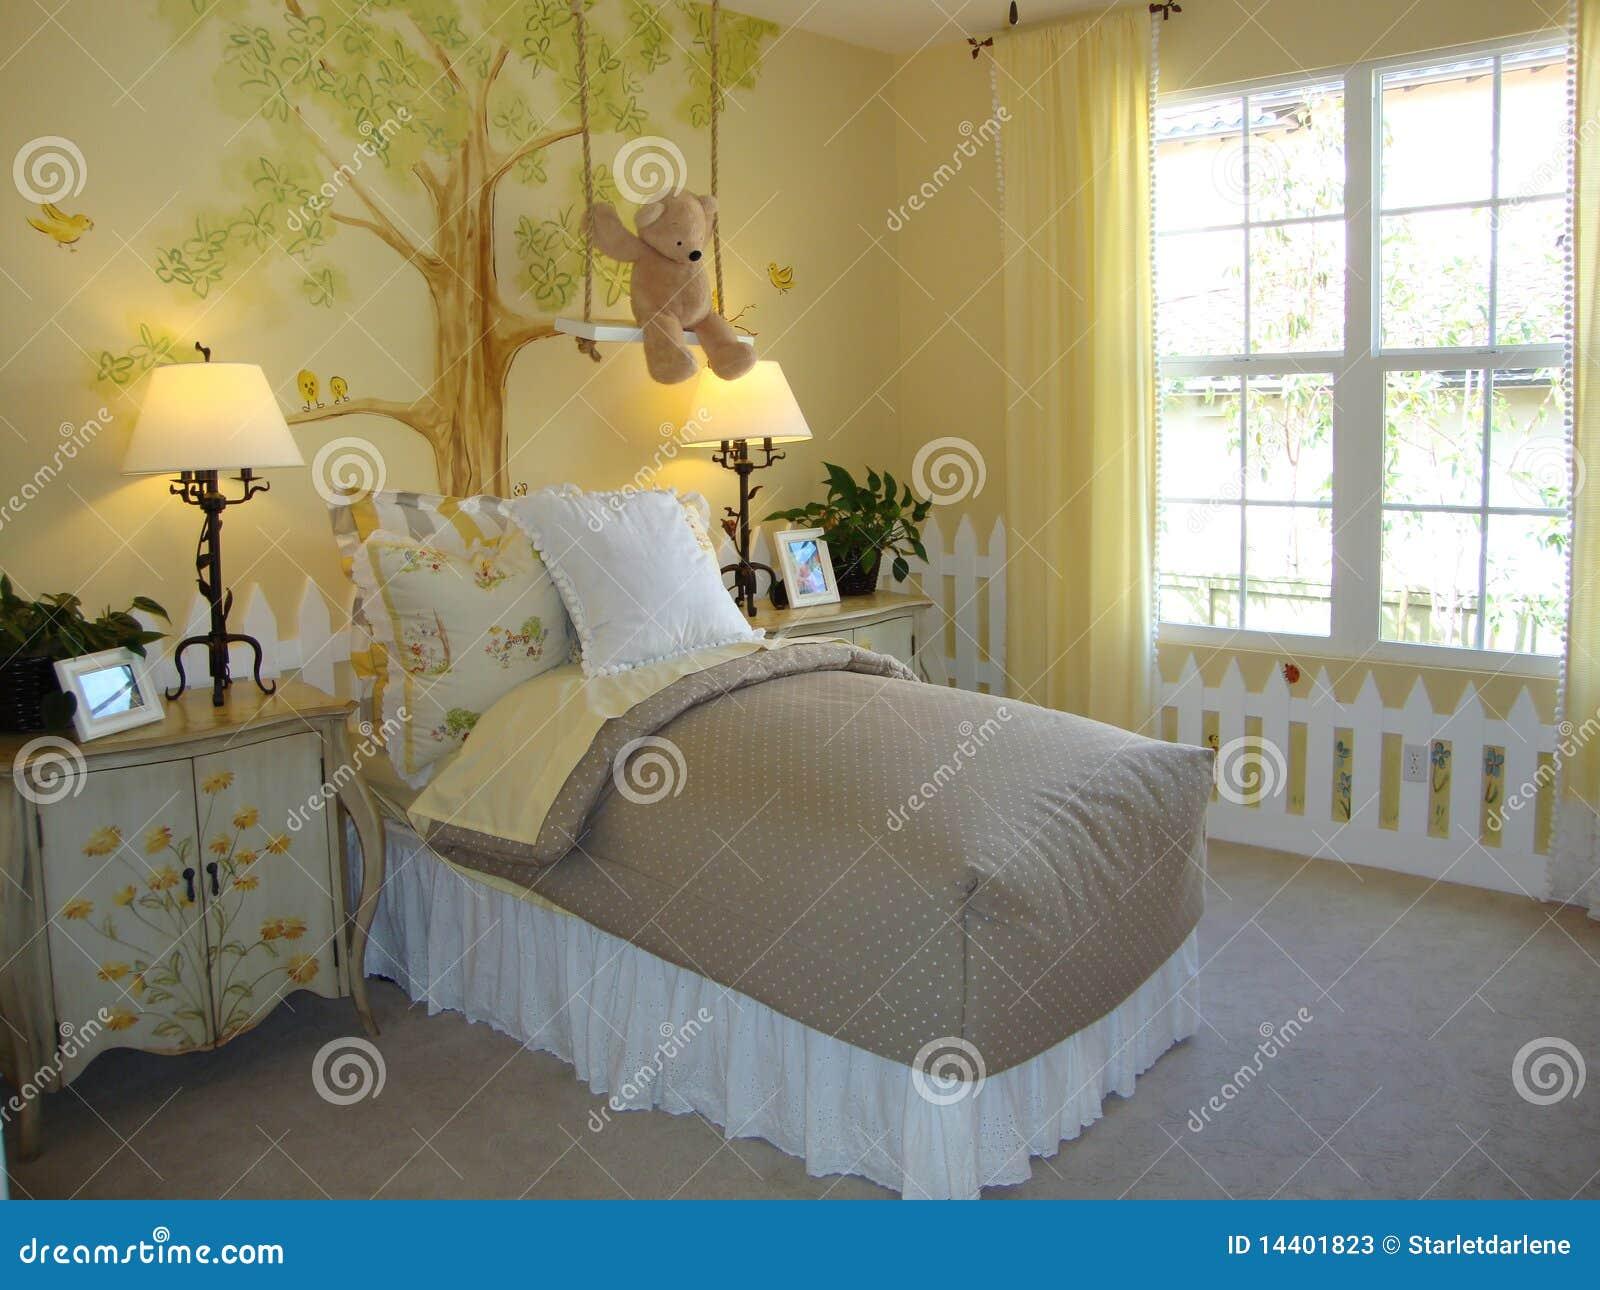 Gele Muur Slaapkamer : Mooie slaapkamer childs stock afbeelding afbeelding bestaande uit